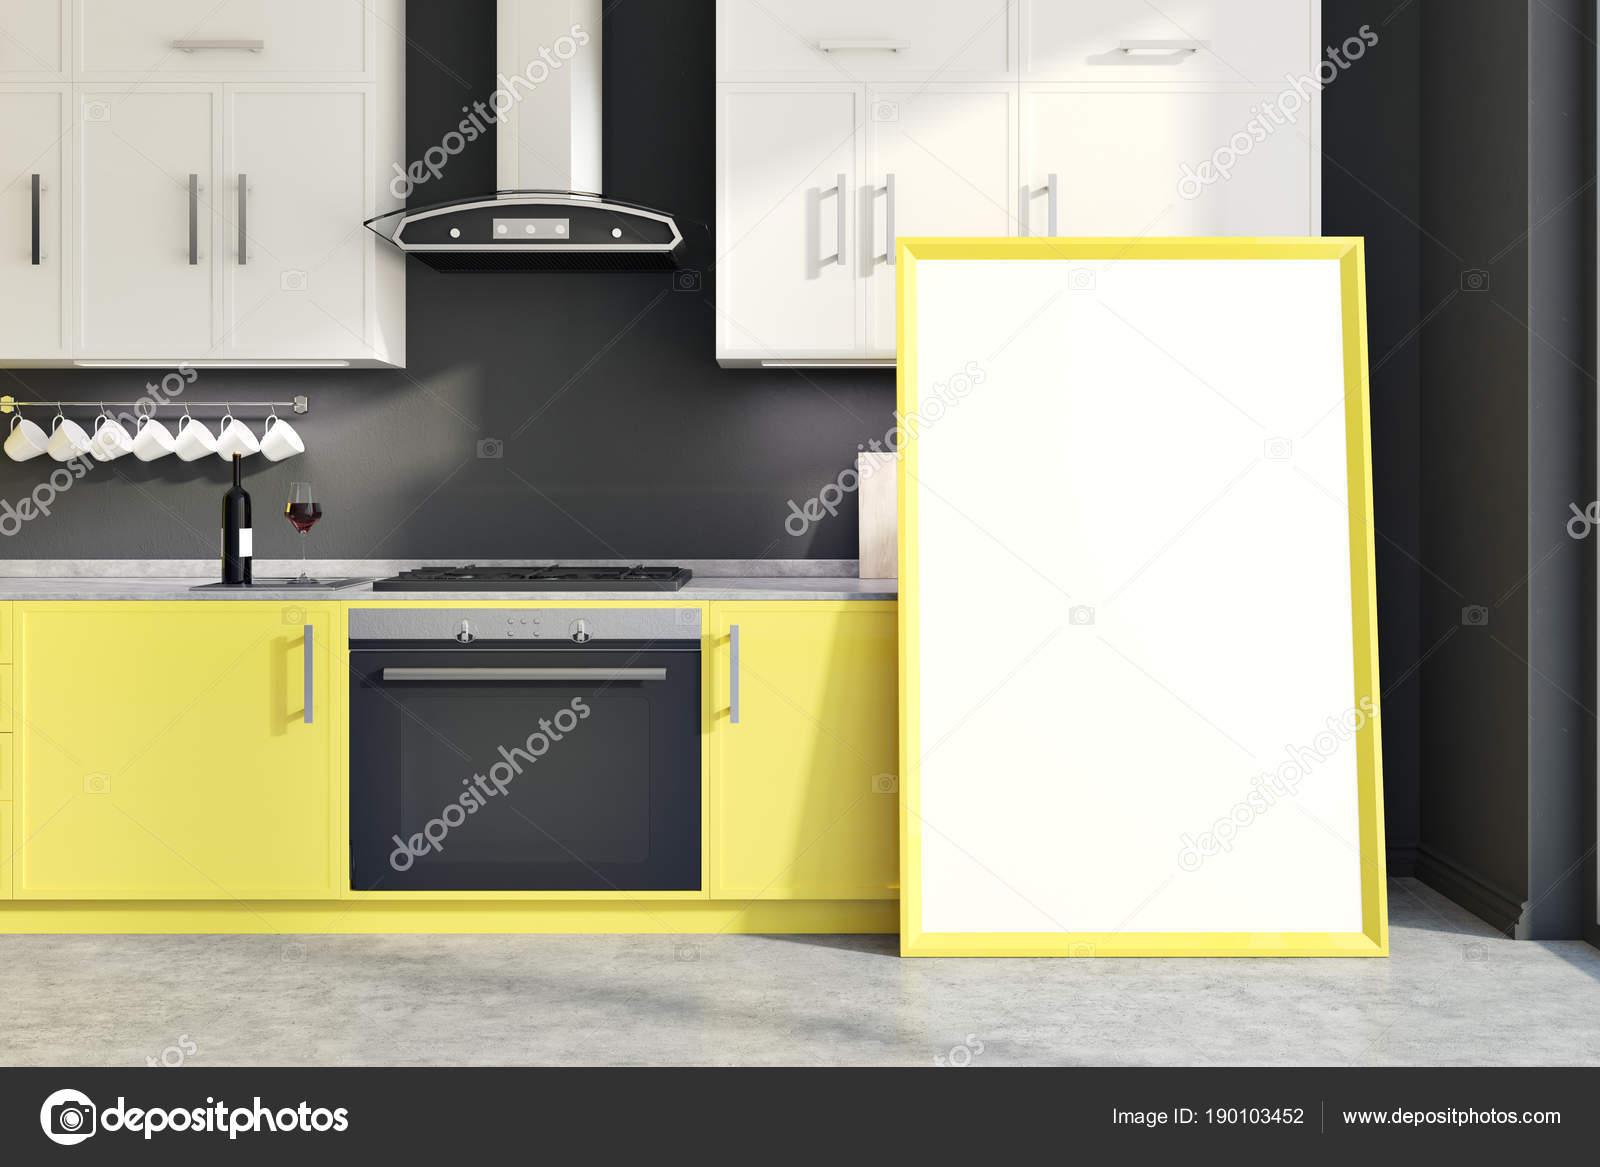 Banconi da cucina giallo muro grigio, poster verticale — Foto Stock ...